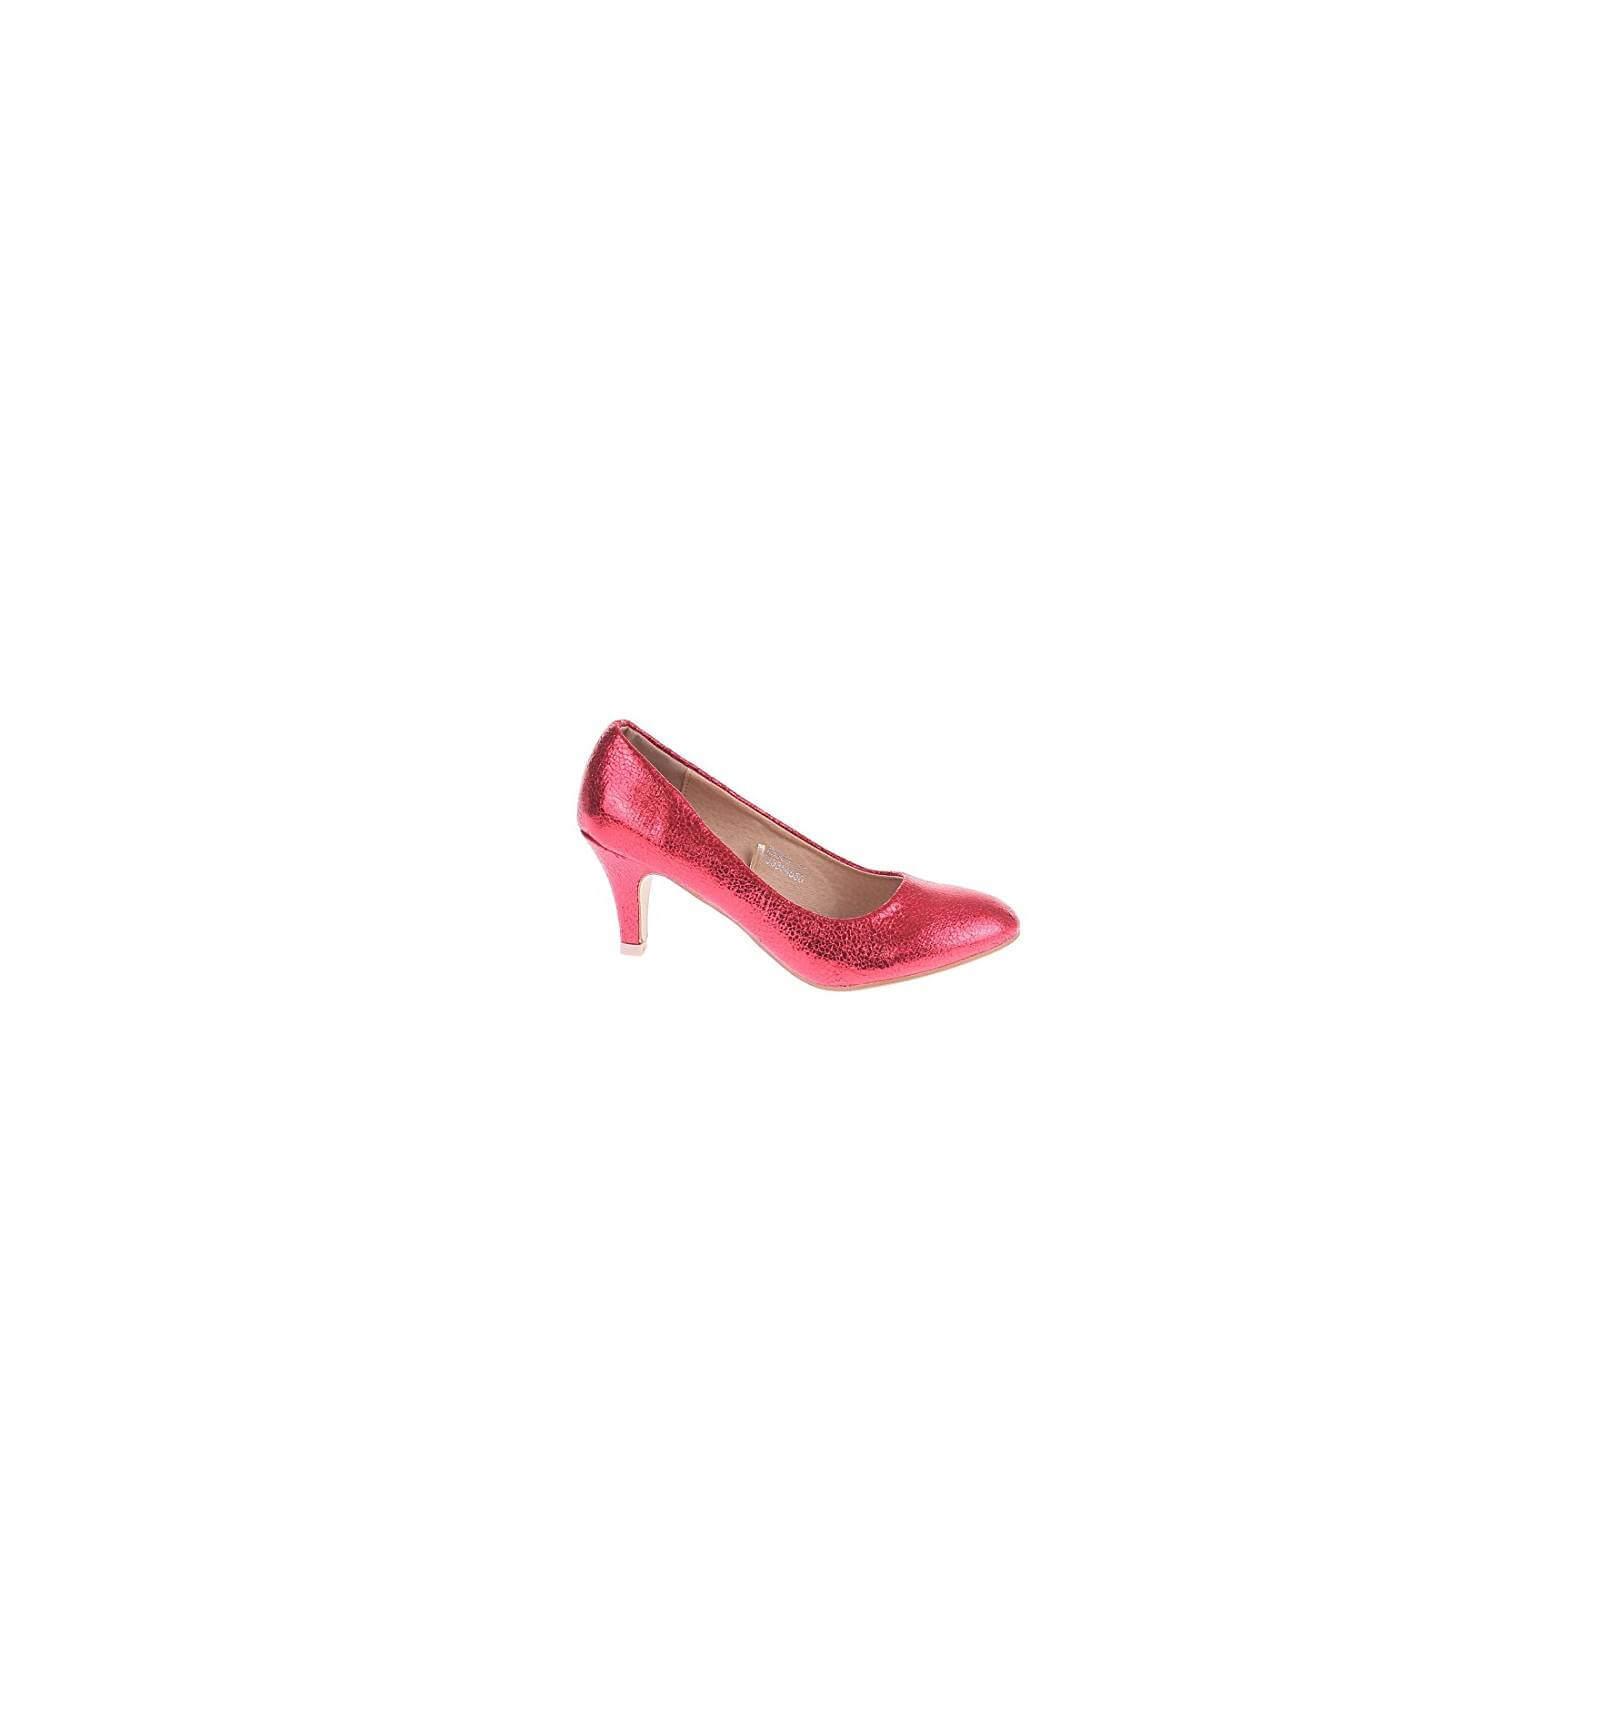 chaussures femme rouge verni de soir e talon confortable paillette. Black Bedroom Furniture Sets. Home Design Ideas